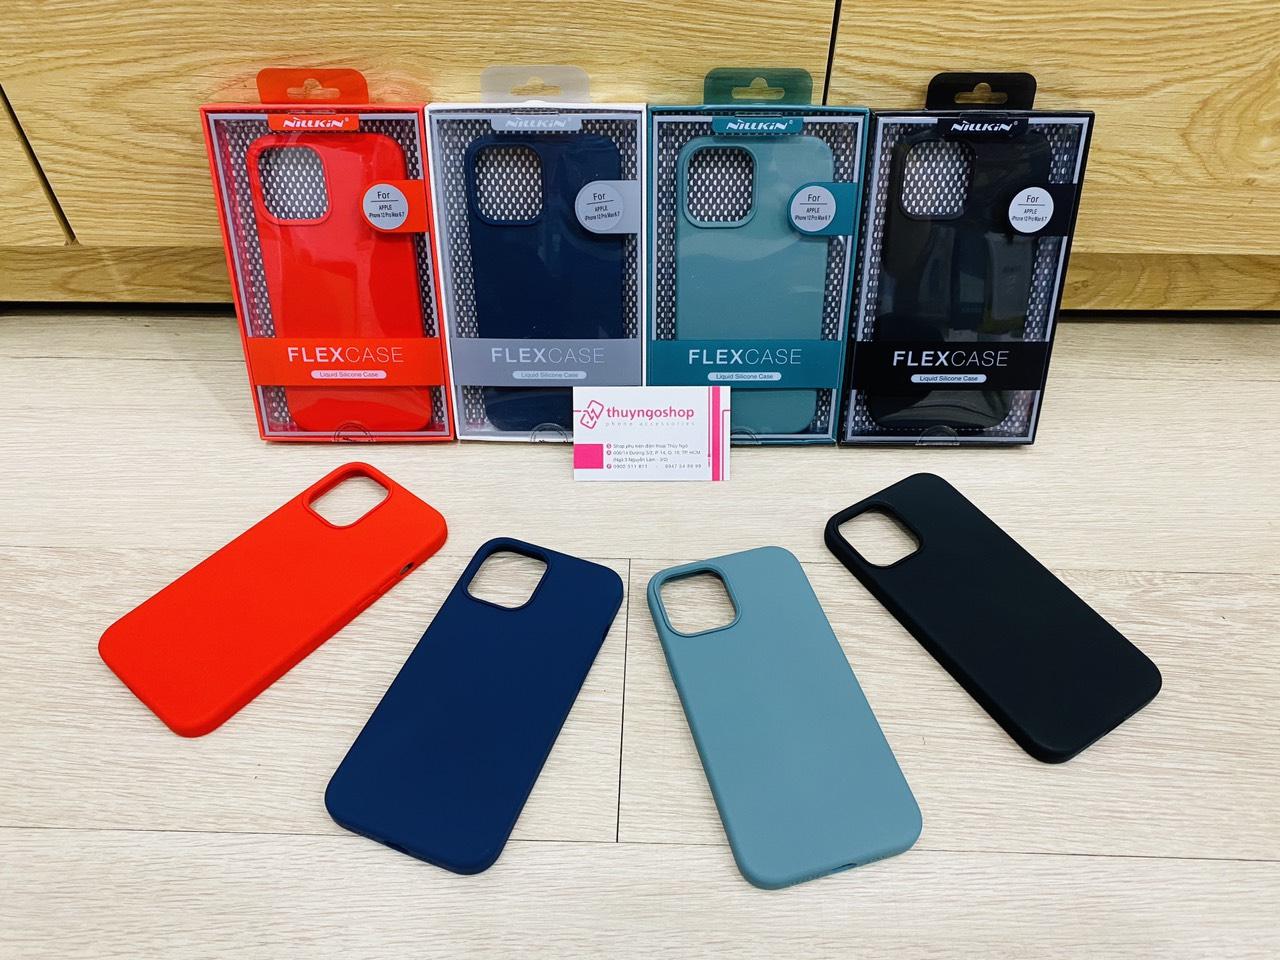 Ốp chống bẩn Nillkin Flex Pure - Iphone 12 Pro Max